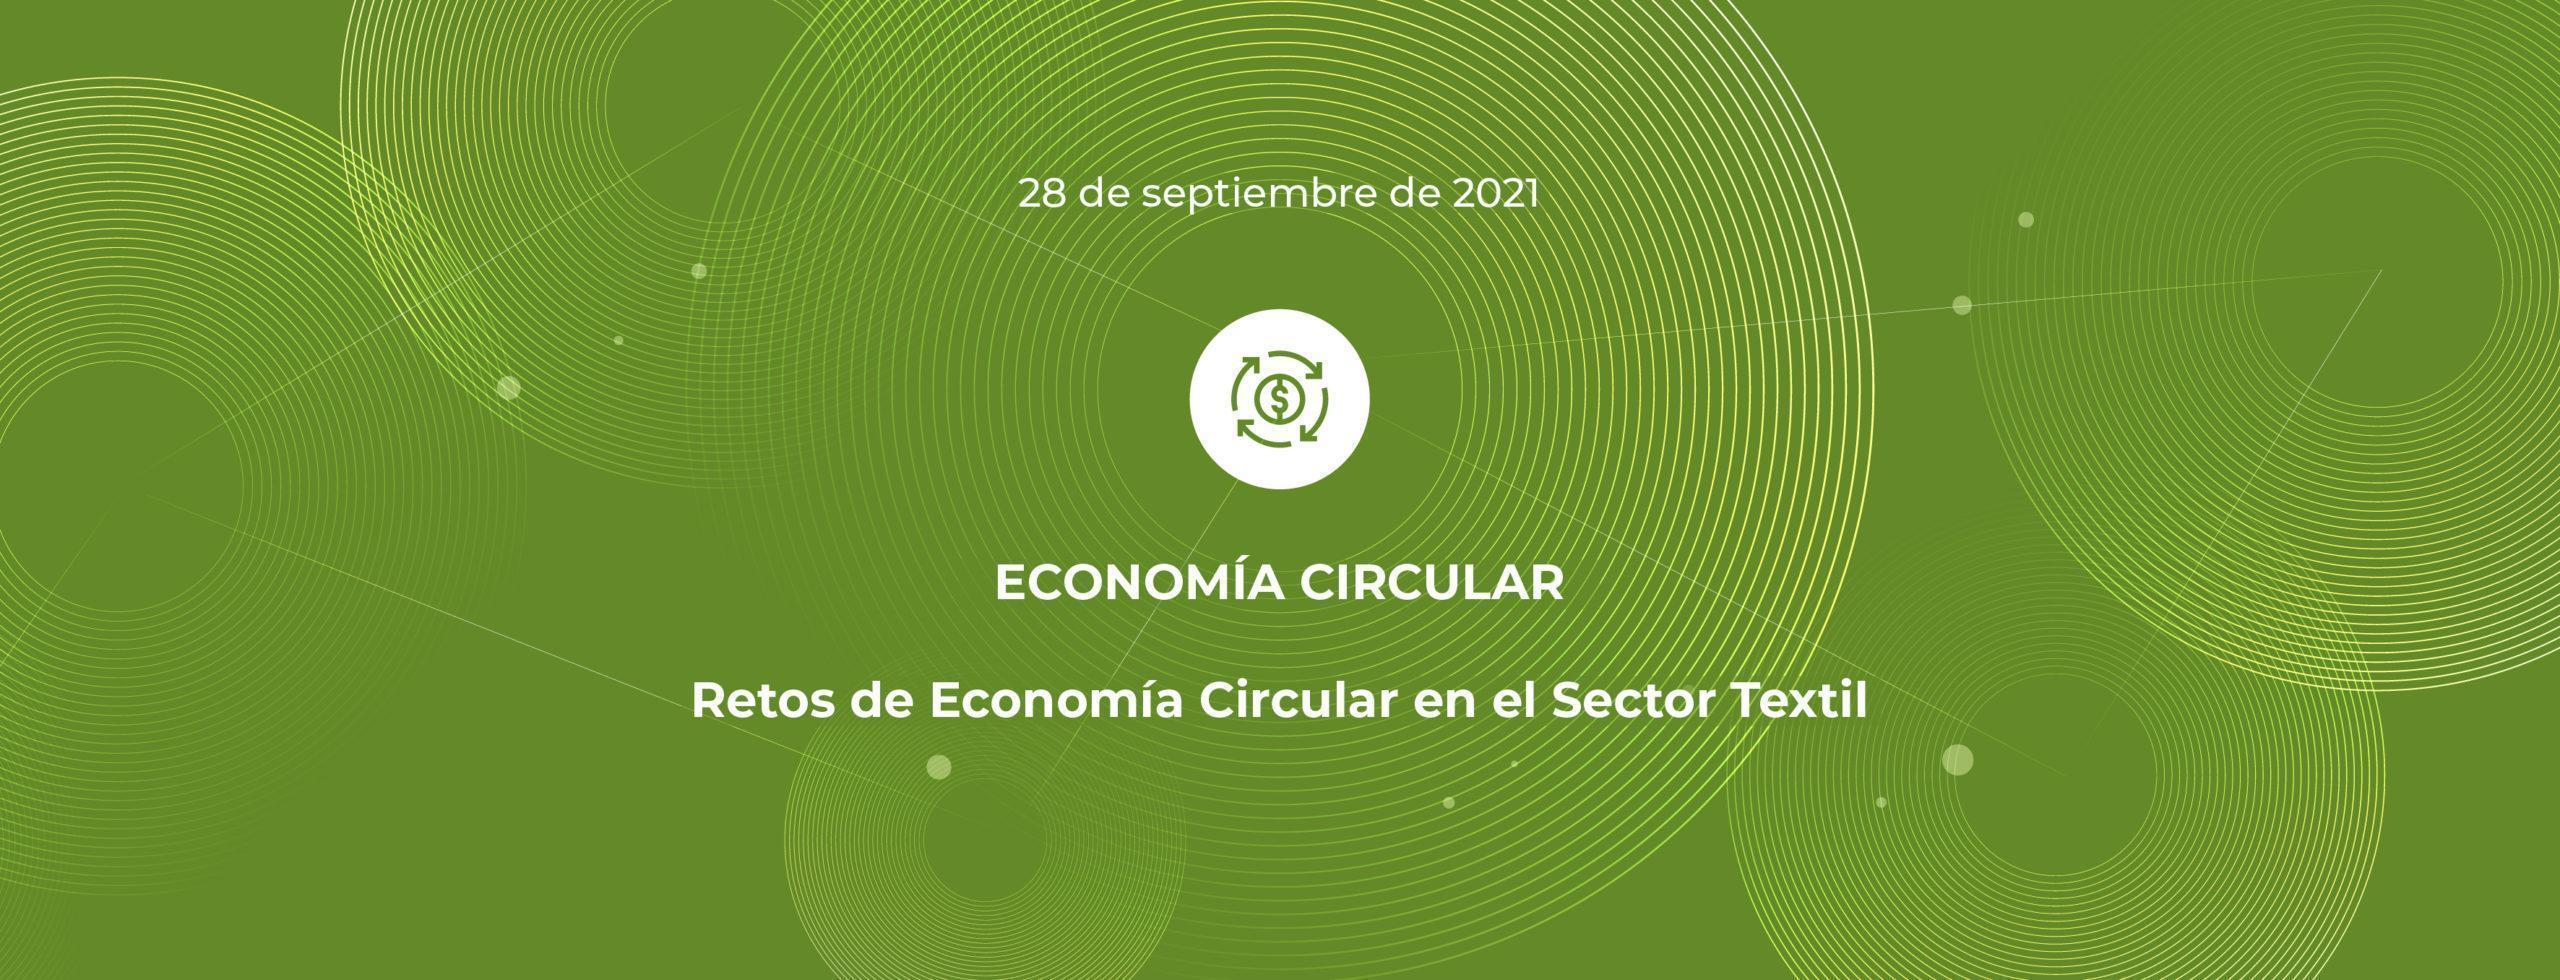 Cabecera web Innotransfer Economia Circular Textil